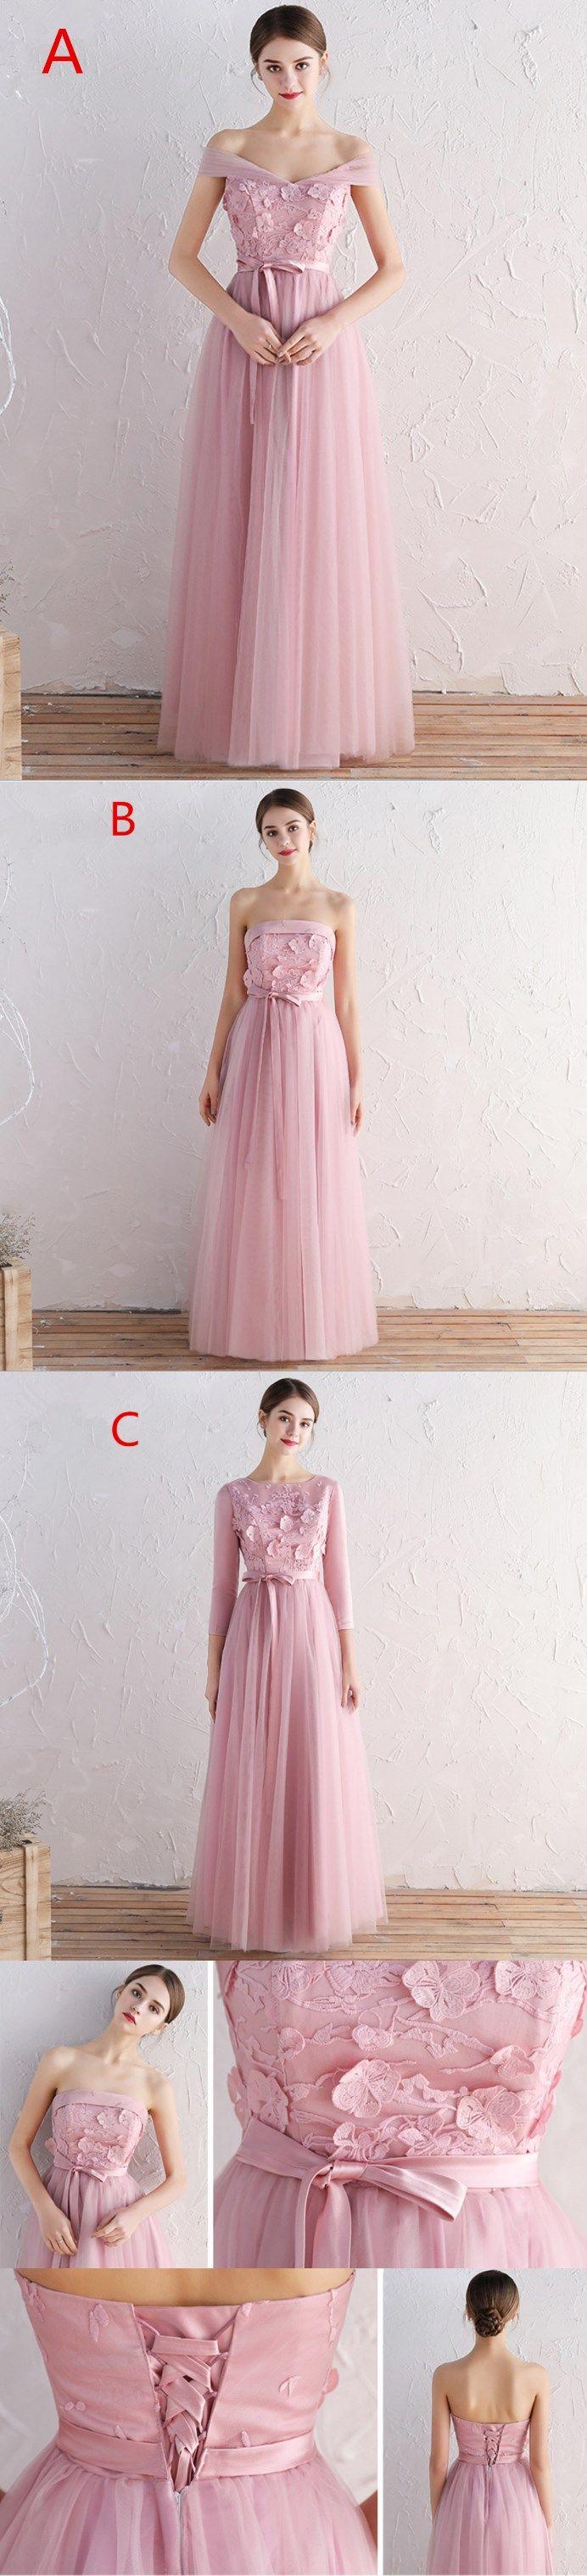 ballkleider,kommunionkleider,schöne kleider,elegante kleider ...